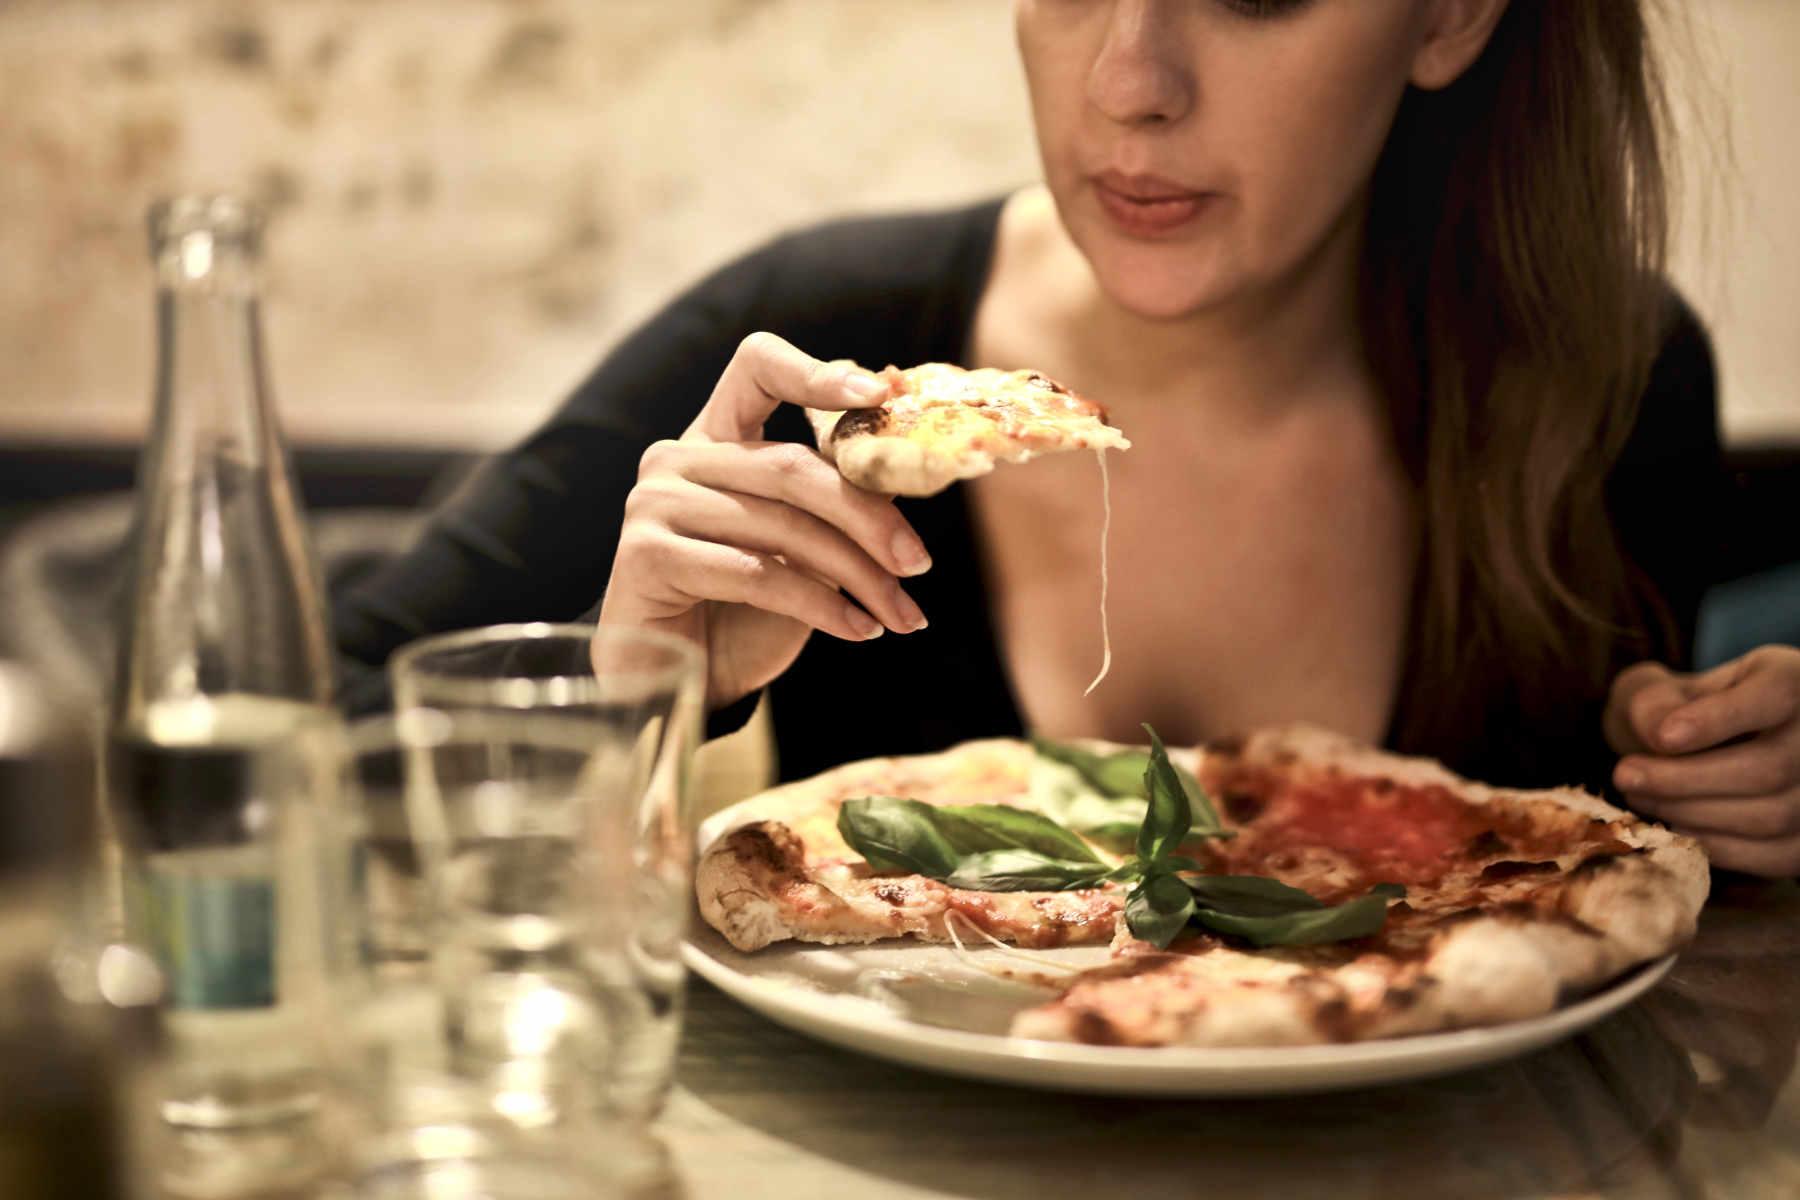 Un régime pauvre en glucides ou en graisses a des effets identiques pour perdre du poids